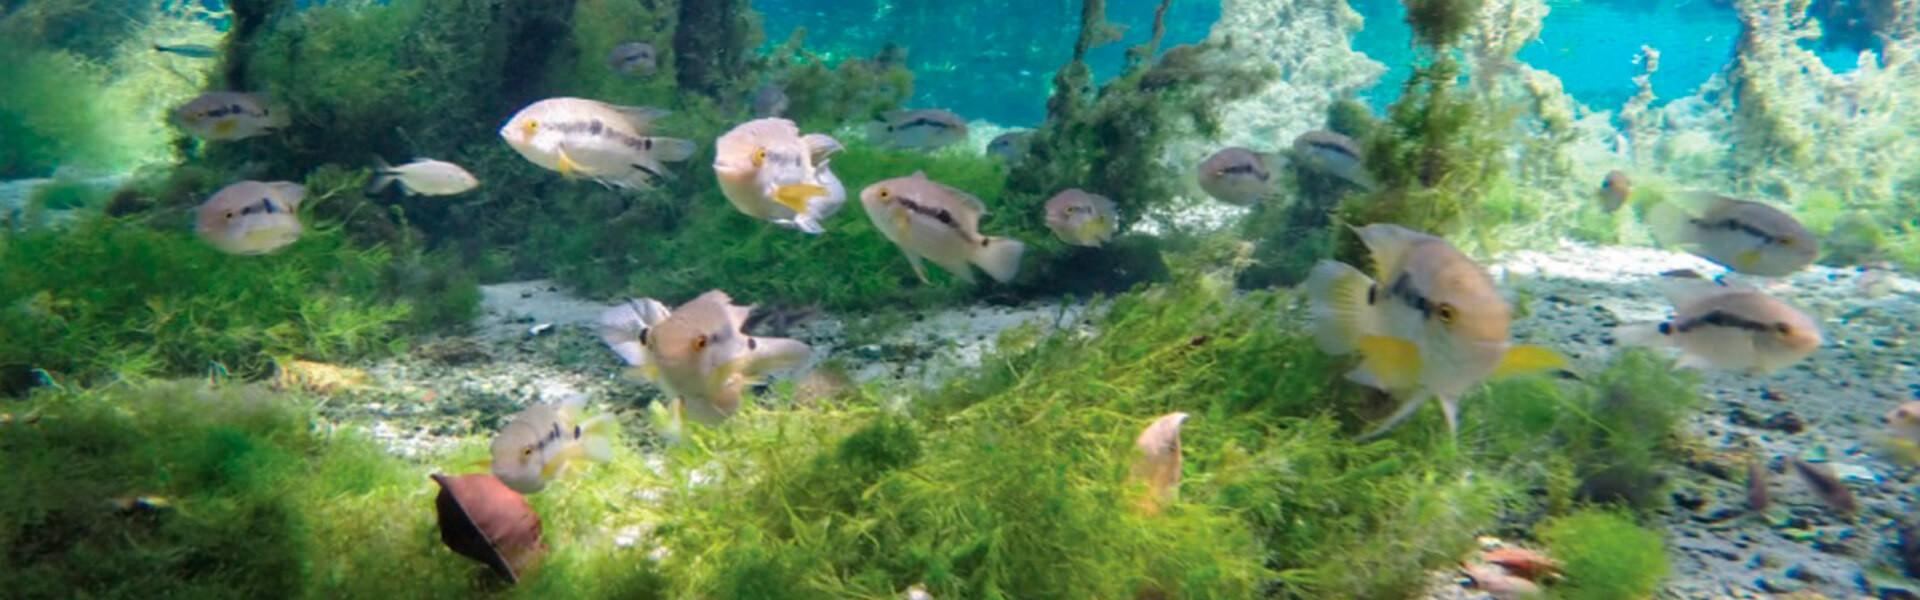 aquariofilia